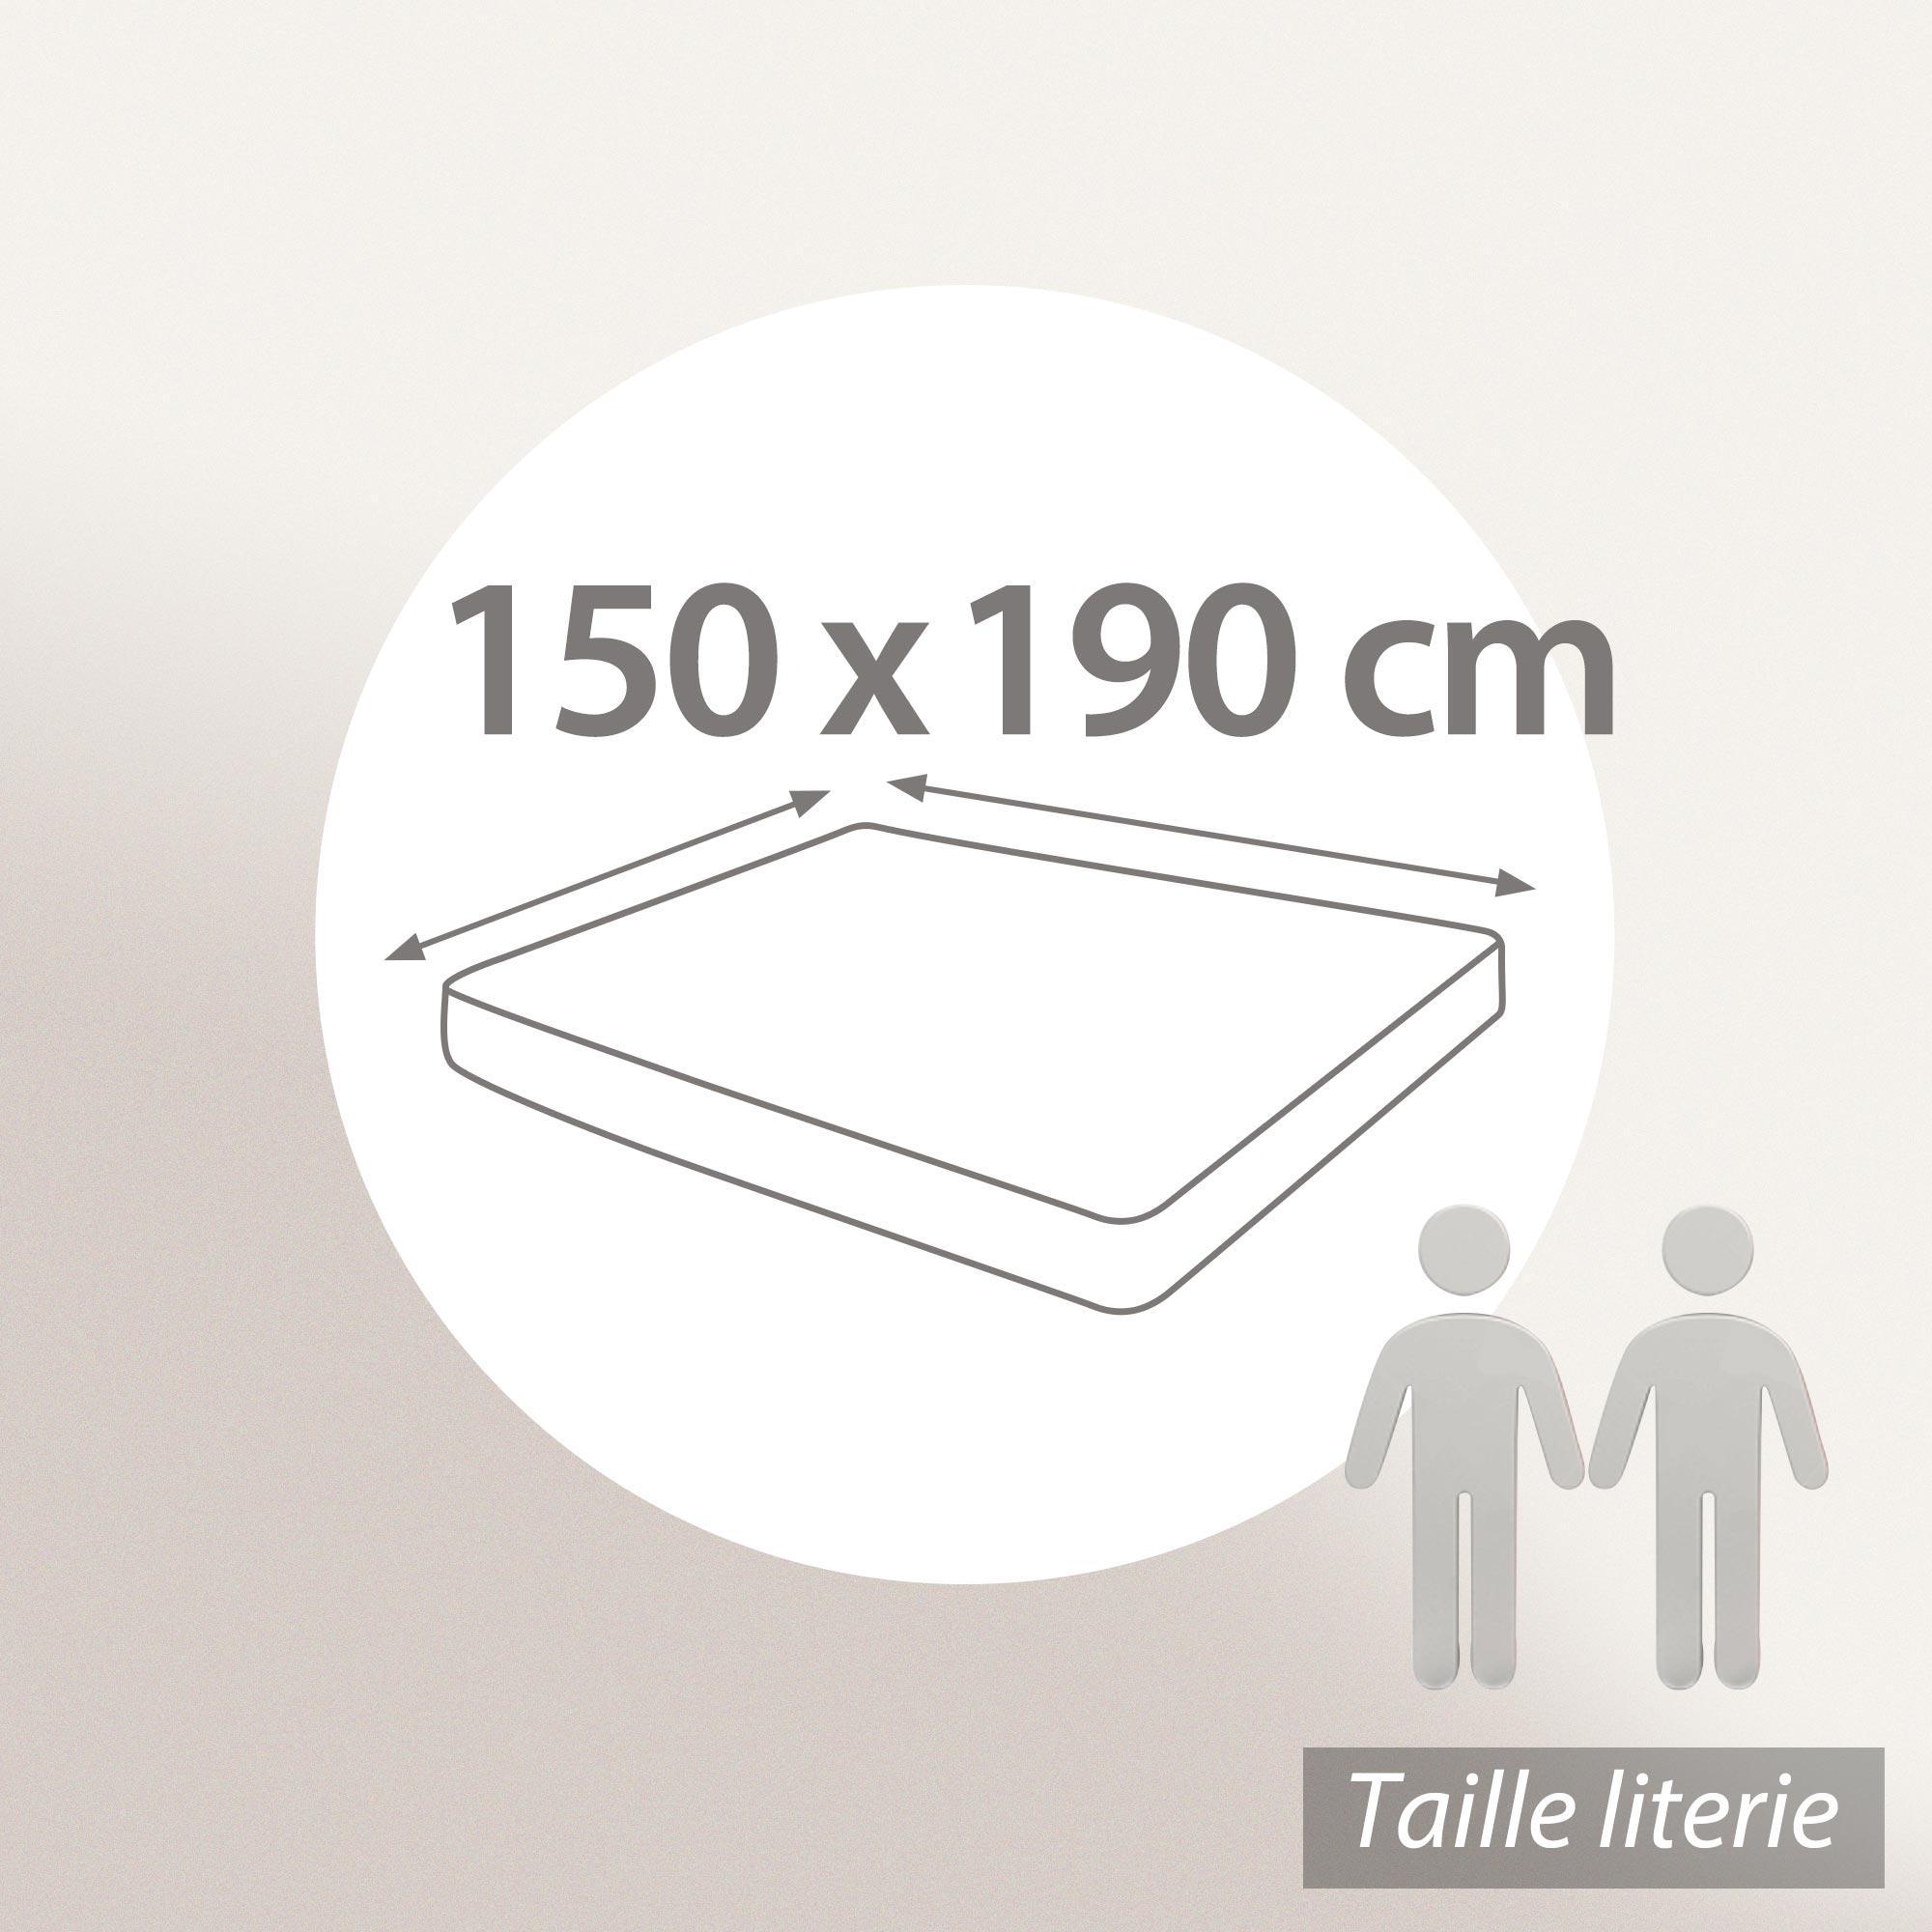 prot ge matelas 150x190 cm achua molleton 100 coton 400 g m2 bonnet 40cm linnea linge de. Black Bedroom Furniture Sets. Home Design Ideas